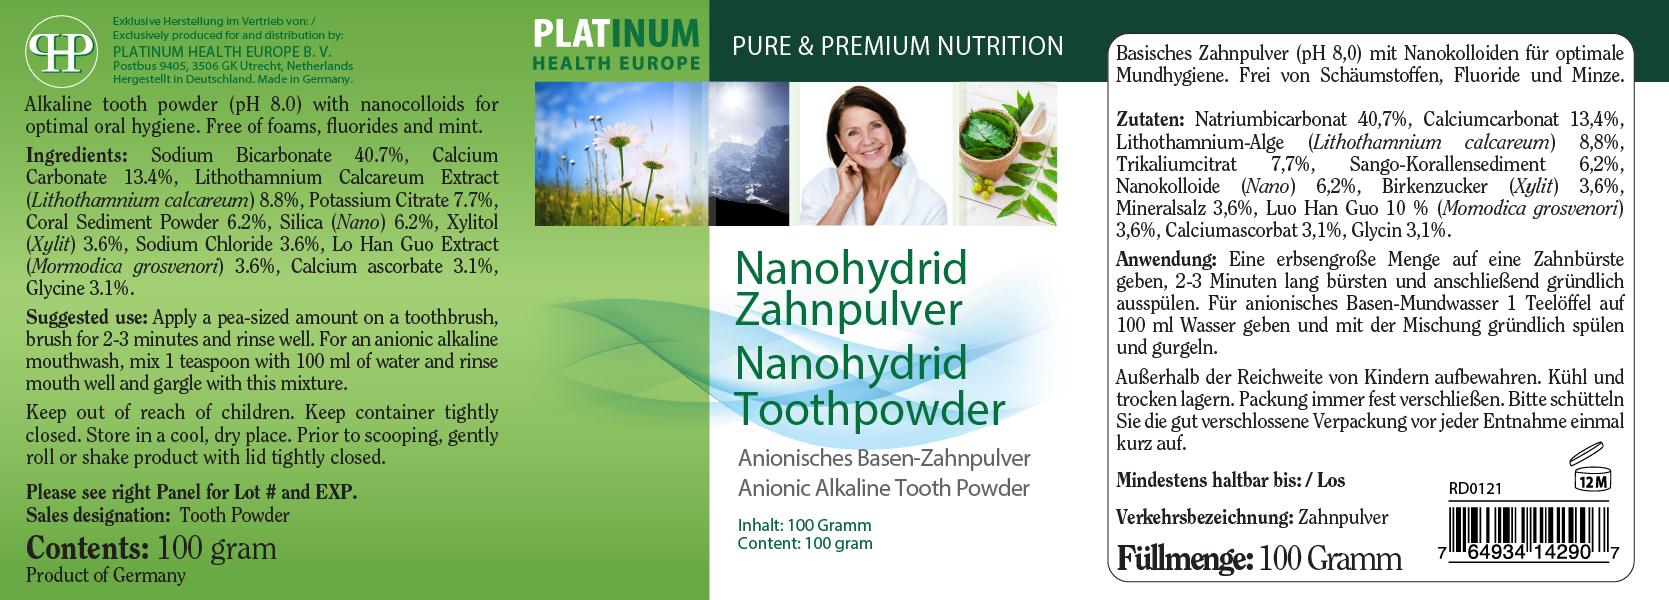 WEB-PHE_Nanohydrid_Zahnpulver_4290E_5-56x2in_RD0121